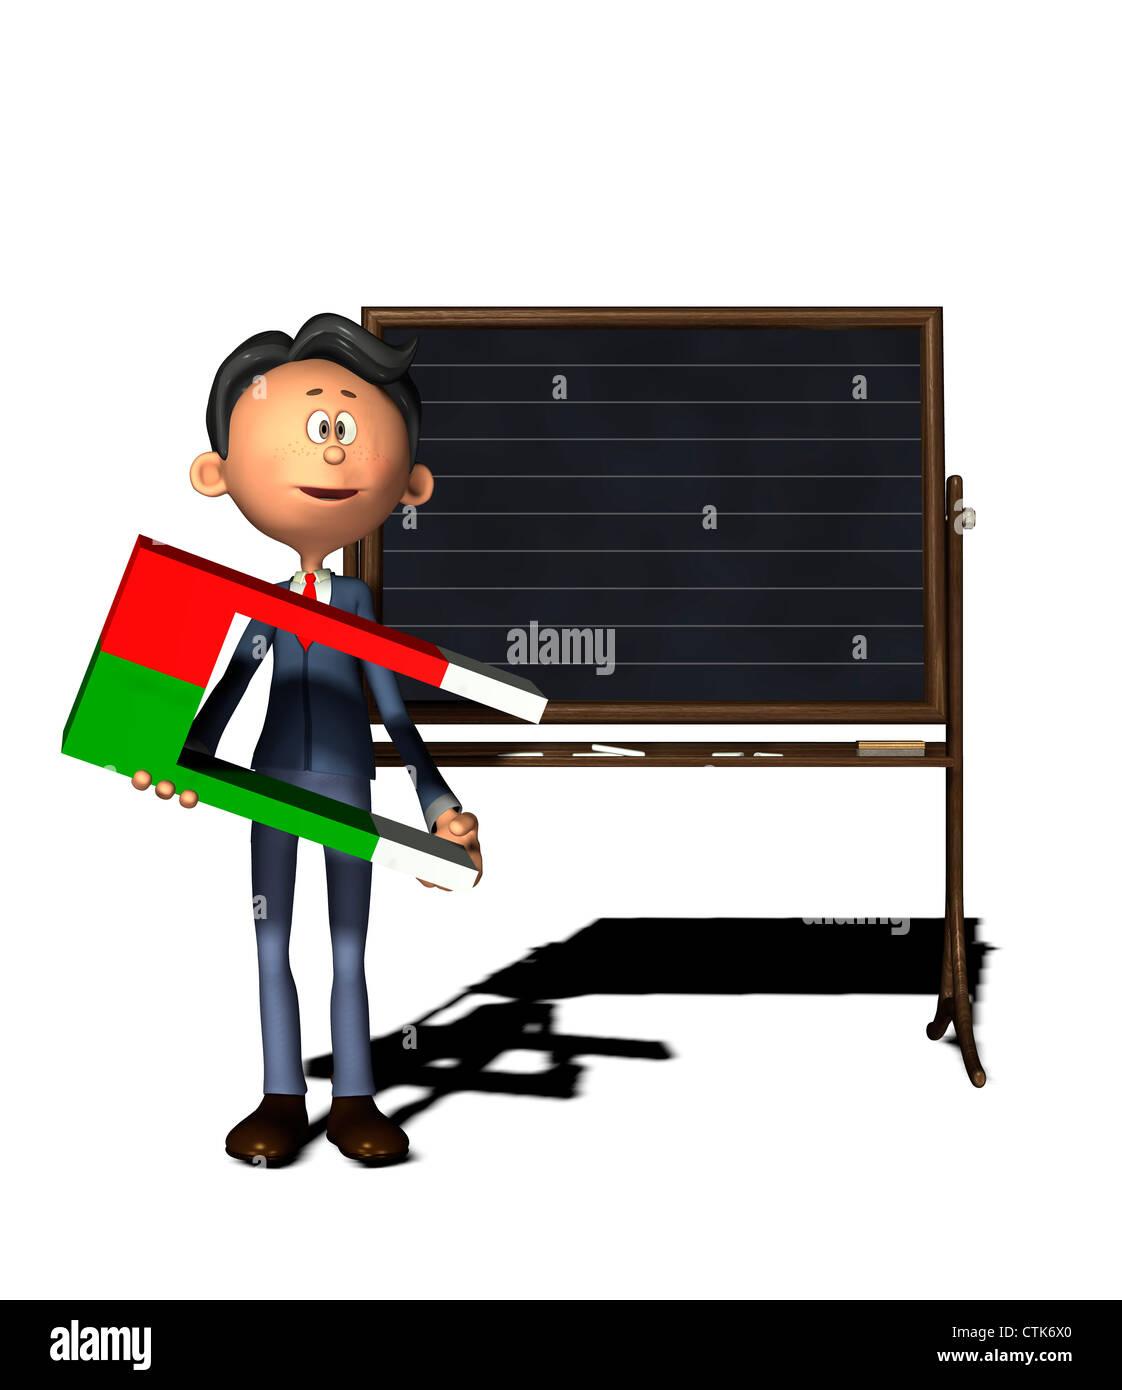 Cartoon-Figur Physiklehrer mit Hufeisen-magnetStockfoto